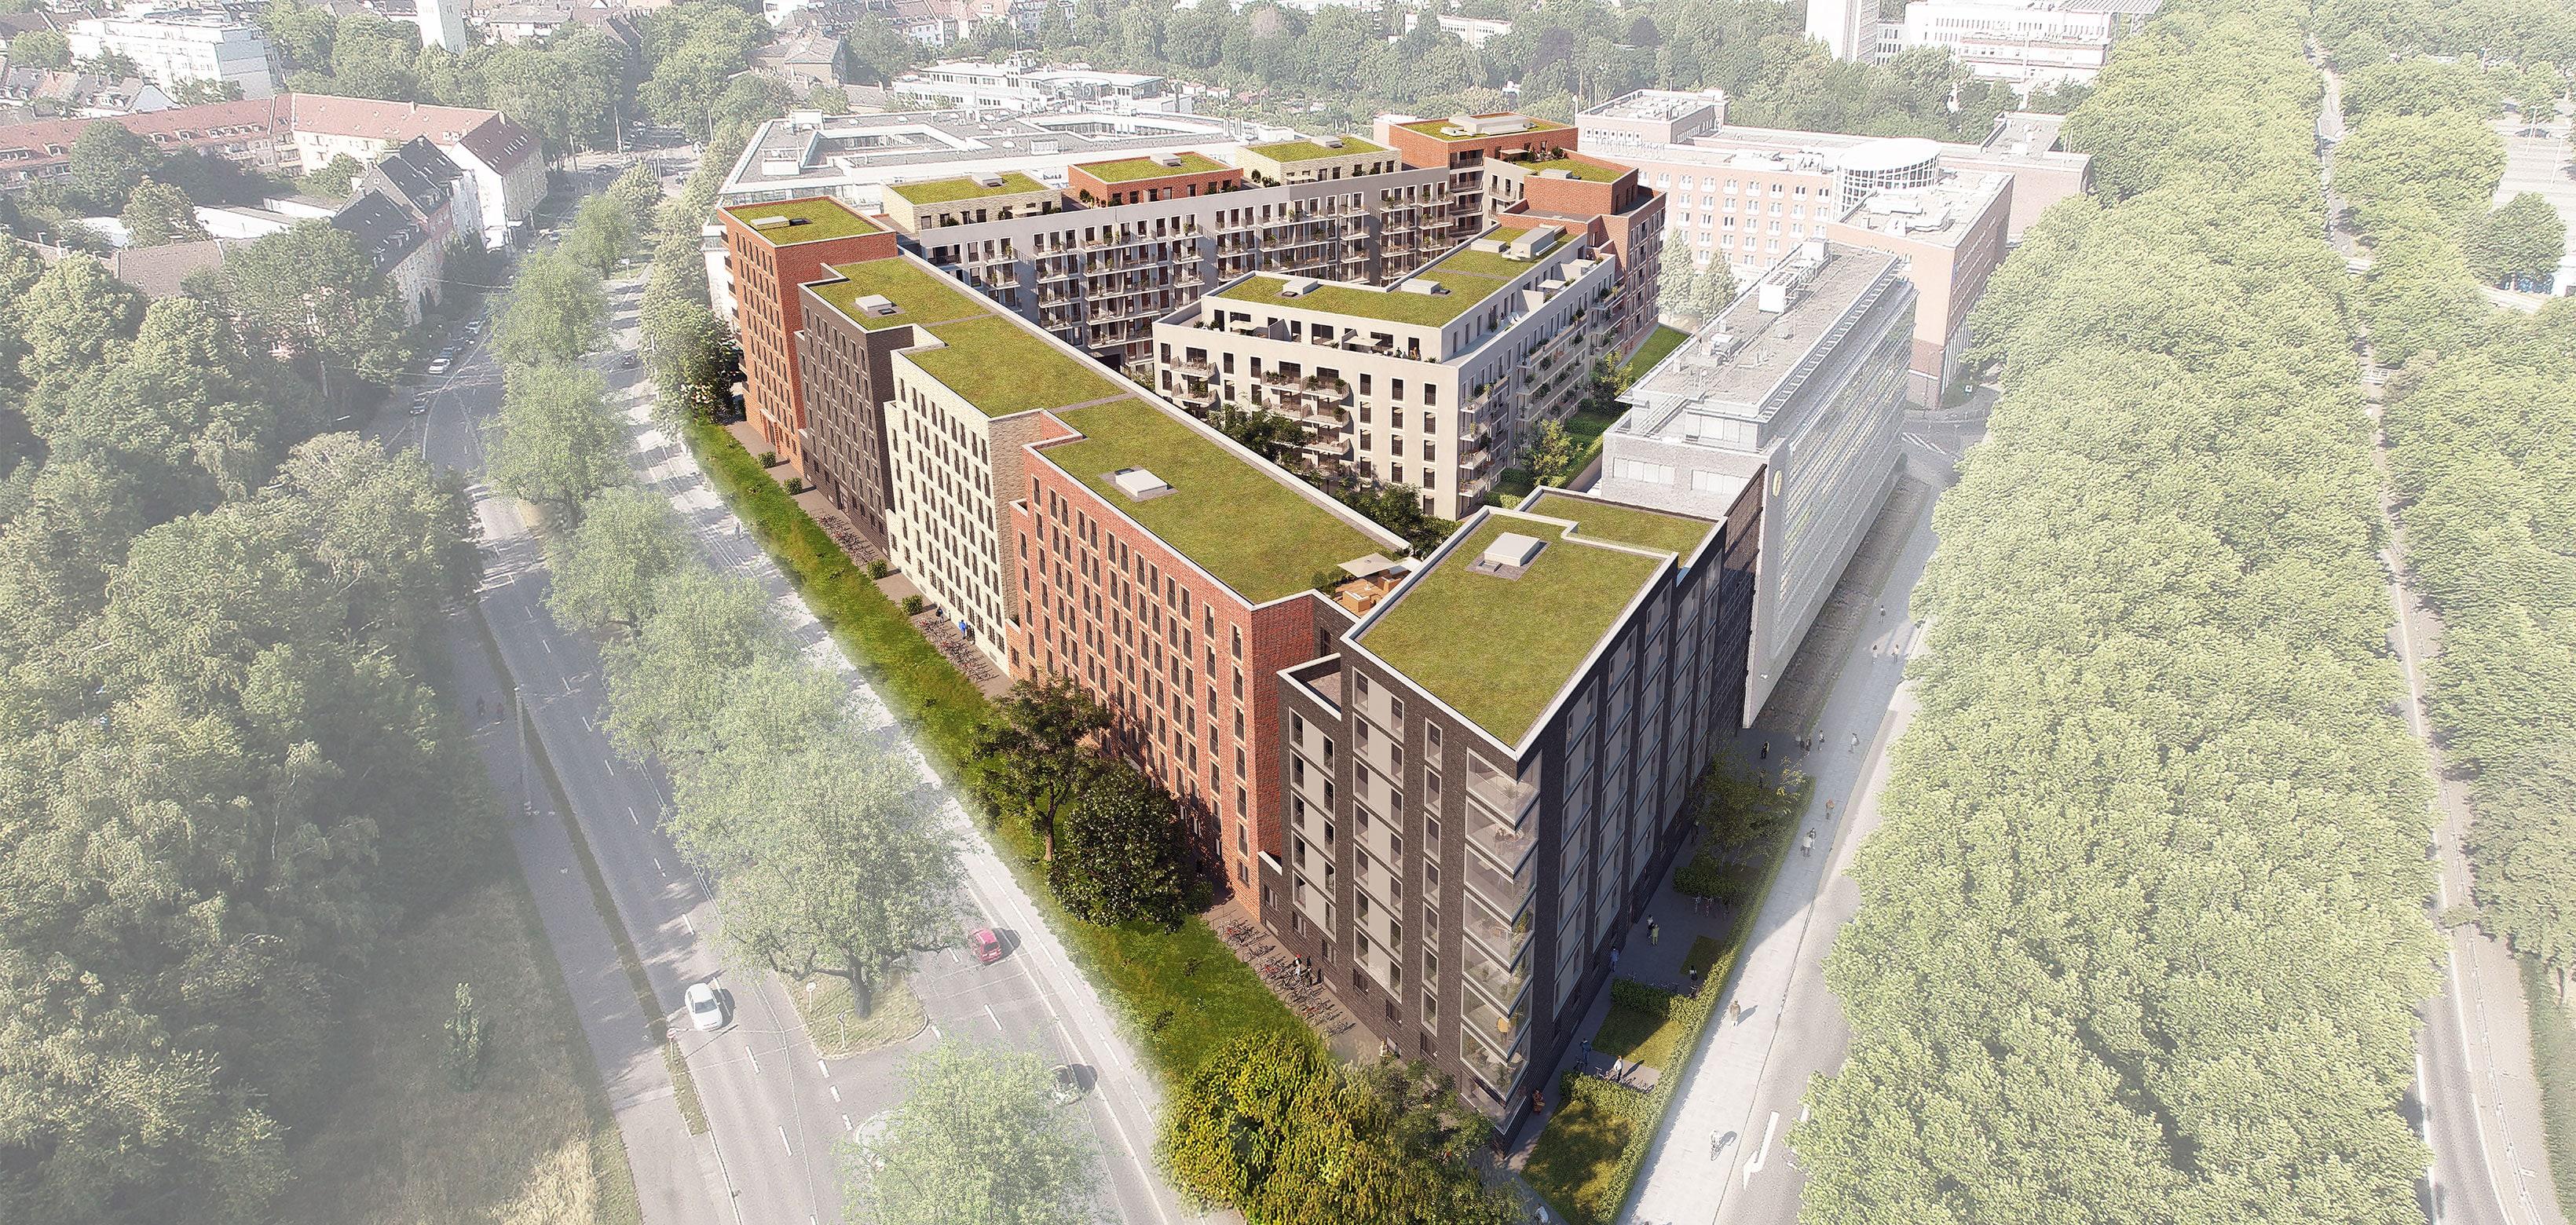 behome-urban-und-modern-wohnen-in-dortmund-Luftbild-min